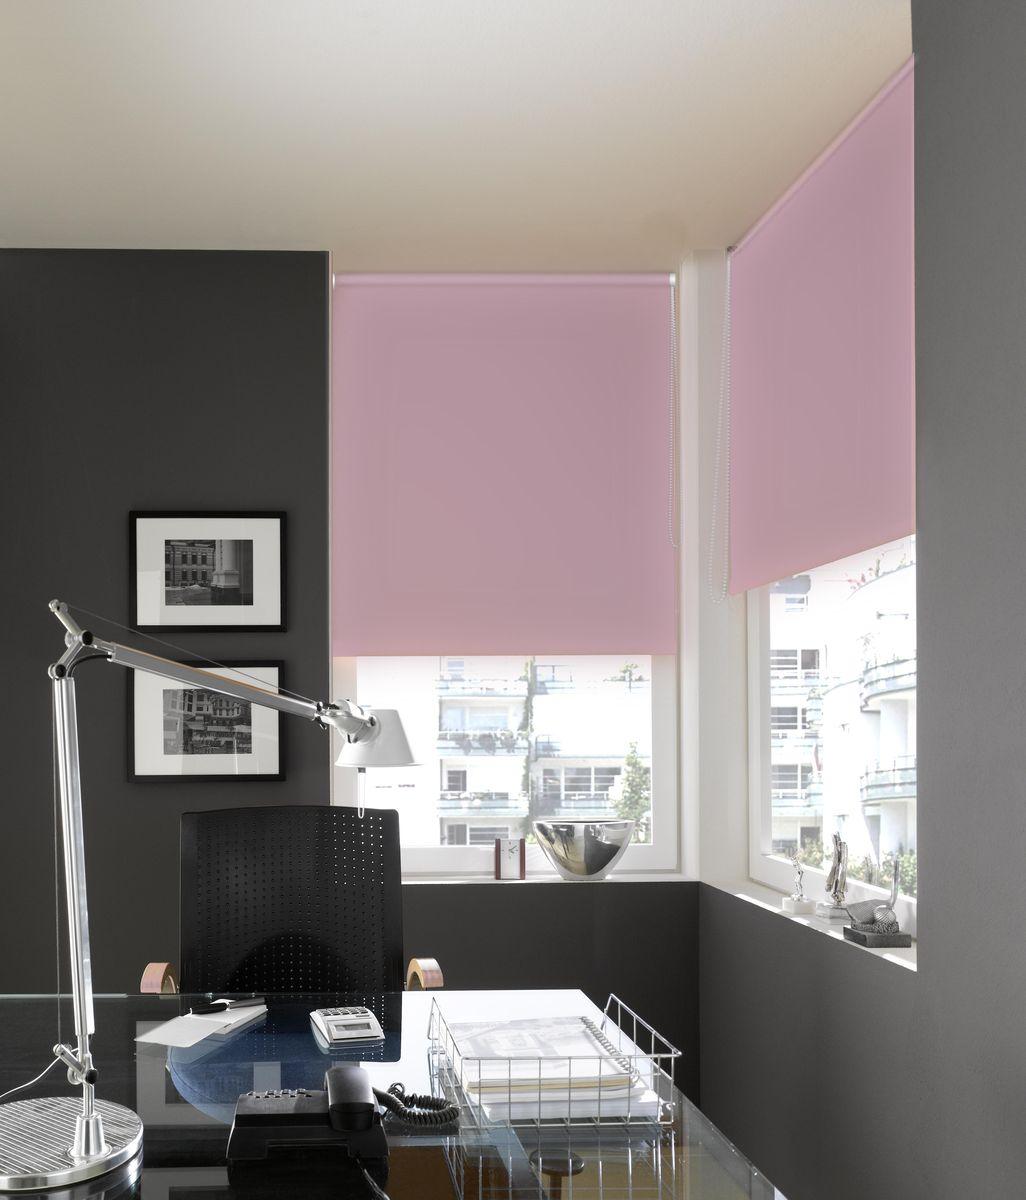 Штора рулонная Эскар Миниролло. Blackout, светонепроницаемая, цвет: розовый кварц, ширина 48 см, высота 170 см34933048170Рулонными шторами Эскар Миниролло. Blackout можно оформлять окна как самостоятельно, так и использовать в комбинации с портьерами. Это поможет предотвратить выгорание дорогой ткани на солнце и соединит функционал рулонных с красотой навесных. Преимущества применения рулонных штор для пластиковых окон: - имеют прекрасный внешний вид: многообразие и фактурность материала изделия отлично смотрятся в любом интерьере;- многофункциональны: есть возможность подобрать шторы способные эффективно защитить комнату от солнца, при этом она не будет слишком темной;- есть возможность осуществить быстрый монтаж.ВНИМАНИЕ! Размеры ширины изделия указаны по ширине ткани! Во время эксплуатации не рекомендуется полностью разматывать рулон, чтобы не оторвать ткань от намоточного вала. В случае загрязнения поверхности ткани, чистку шторы проводят одним из способов, в зависимости от типа загрязнения:легкое поверхностное загрязнение можно удалить при помощи канцелярского ластика;чистка от пыли производится сухим методом при помощи пылесоса с мягкой щеткой-насадкой;для удаления пятна используйте мягкую губку с пенообразующим неагрессивным моющим средством или пятновыводитель на натуральной основе (нельзя применять растворители).